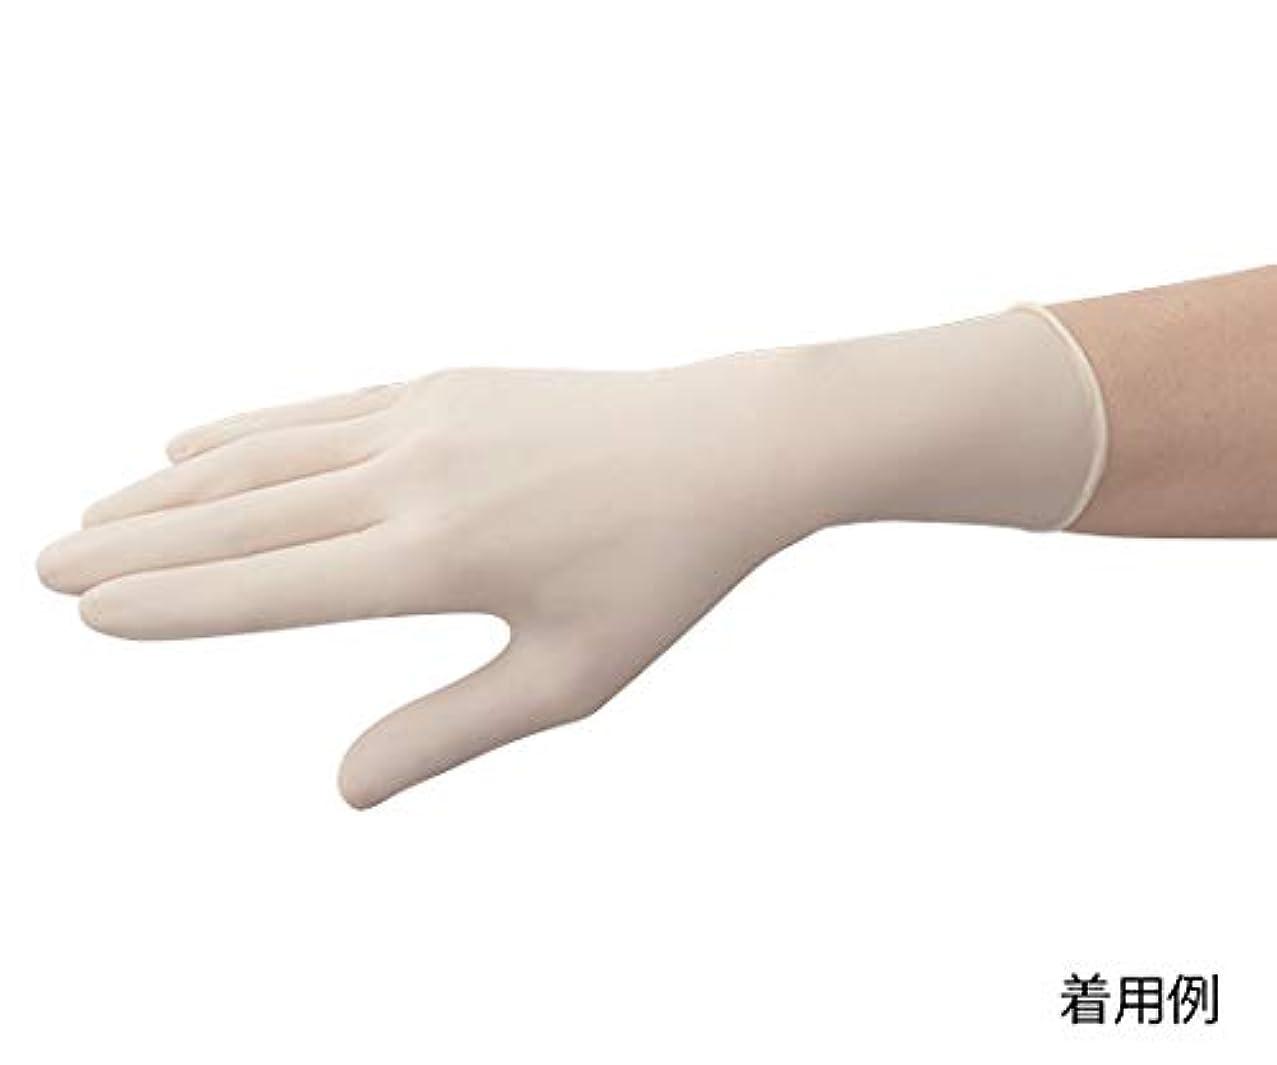 東レ?メディカル 手術用手袋メディグリップ パウダーフリー50双 8165MG